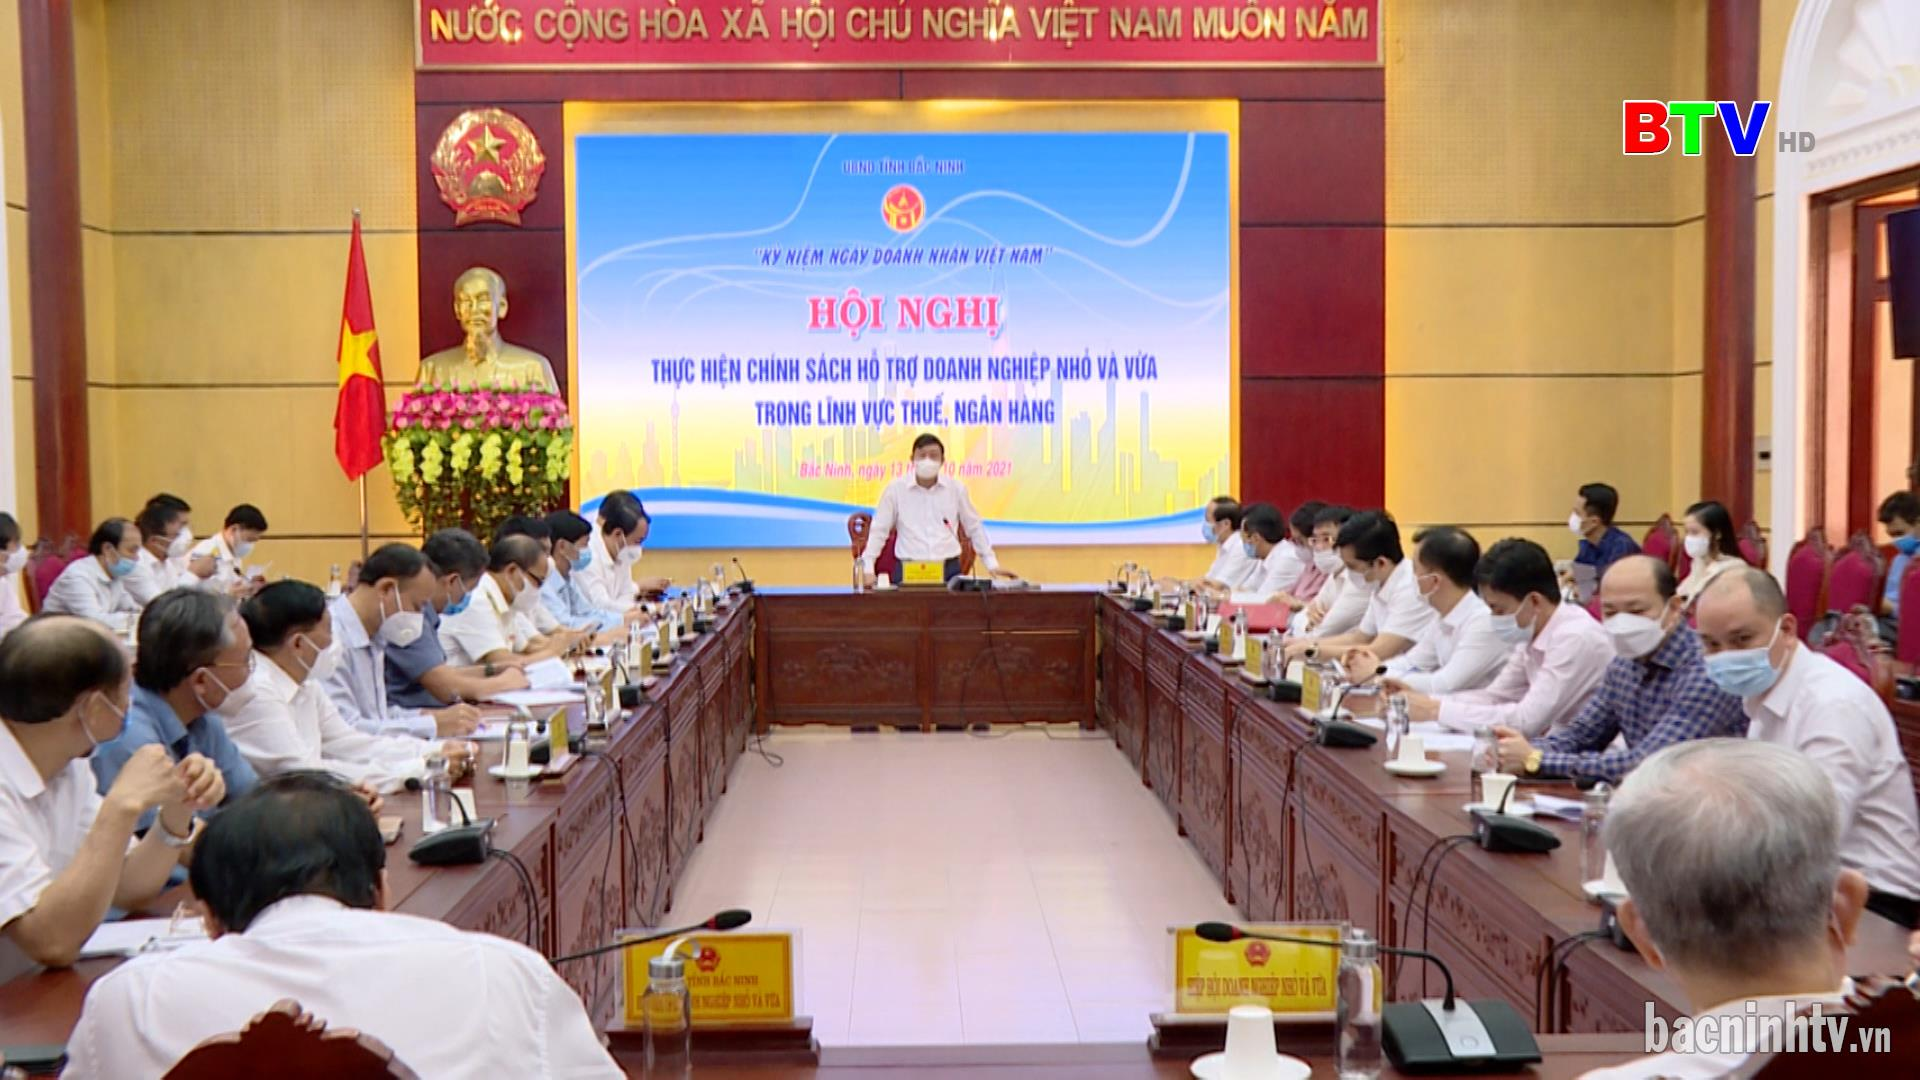 Thực hiện chính sách hỗ trợ DNNVV trong lĩnh vực thuế, ngân hàng